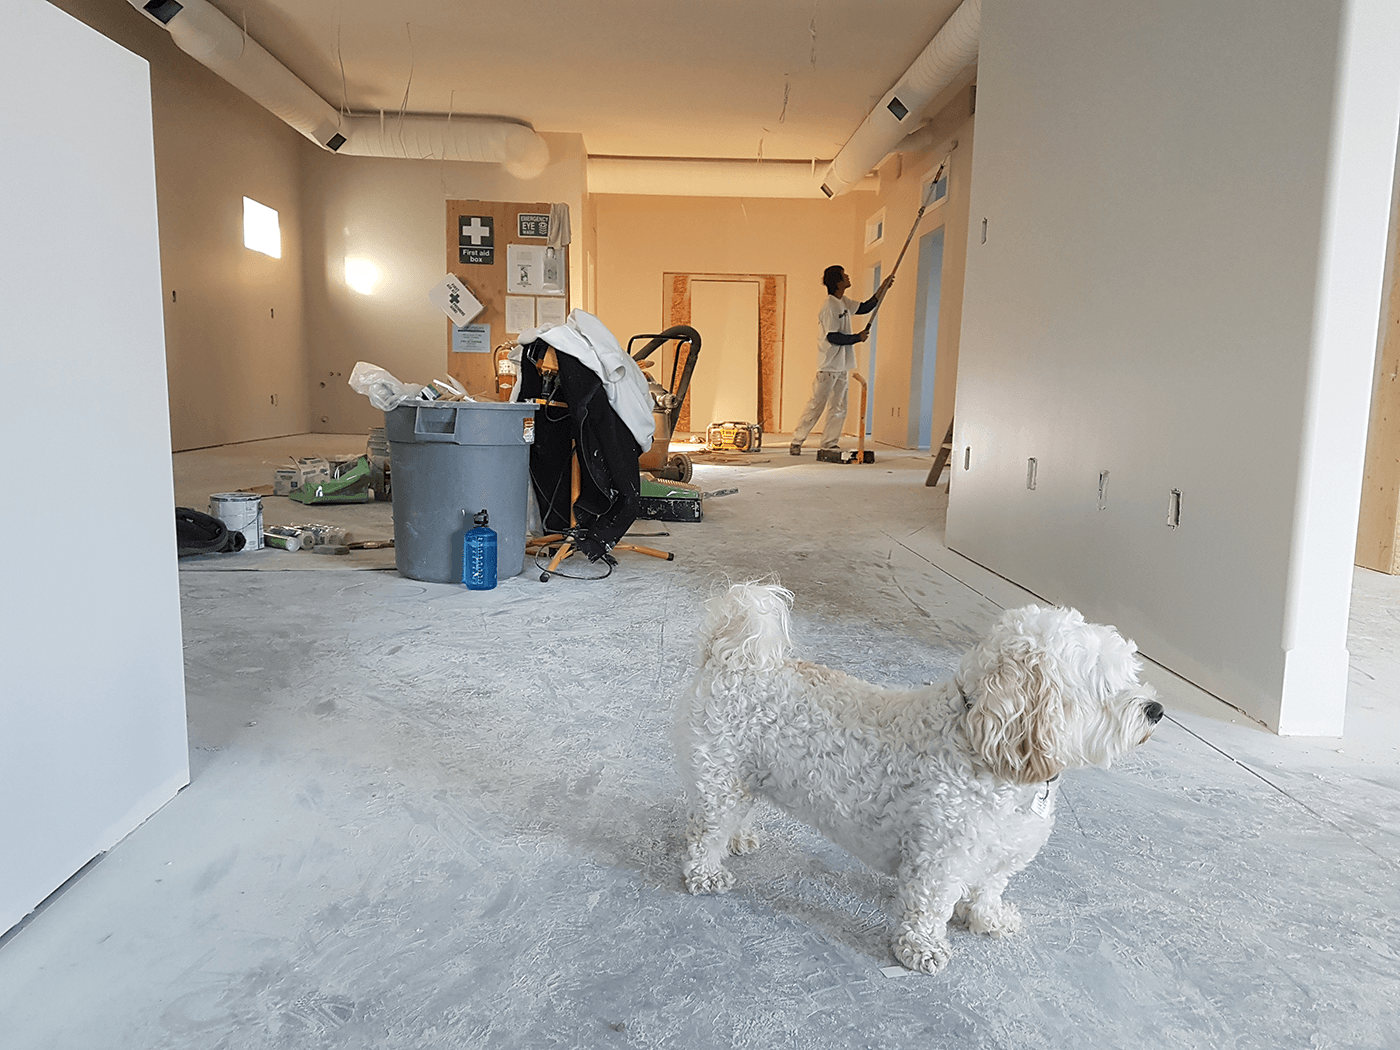 La vente d'immeuble à rénover